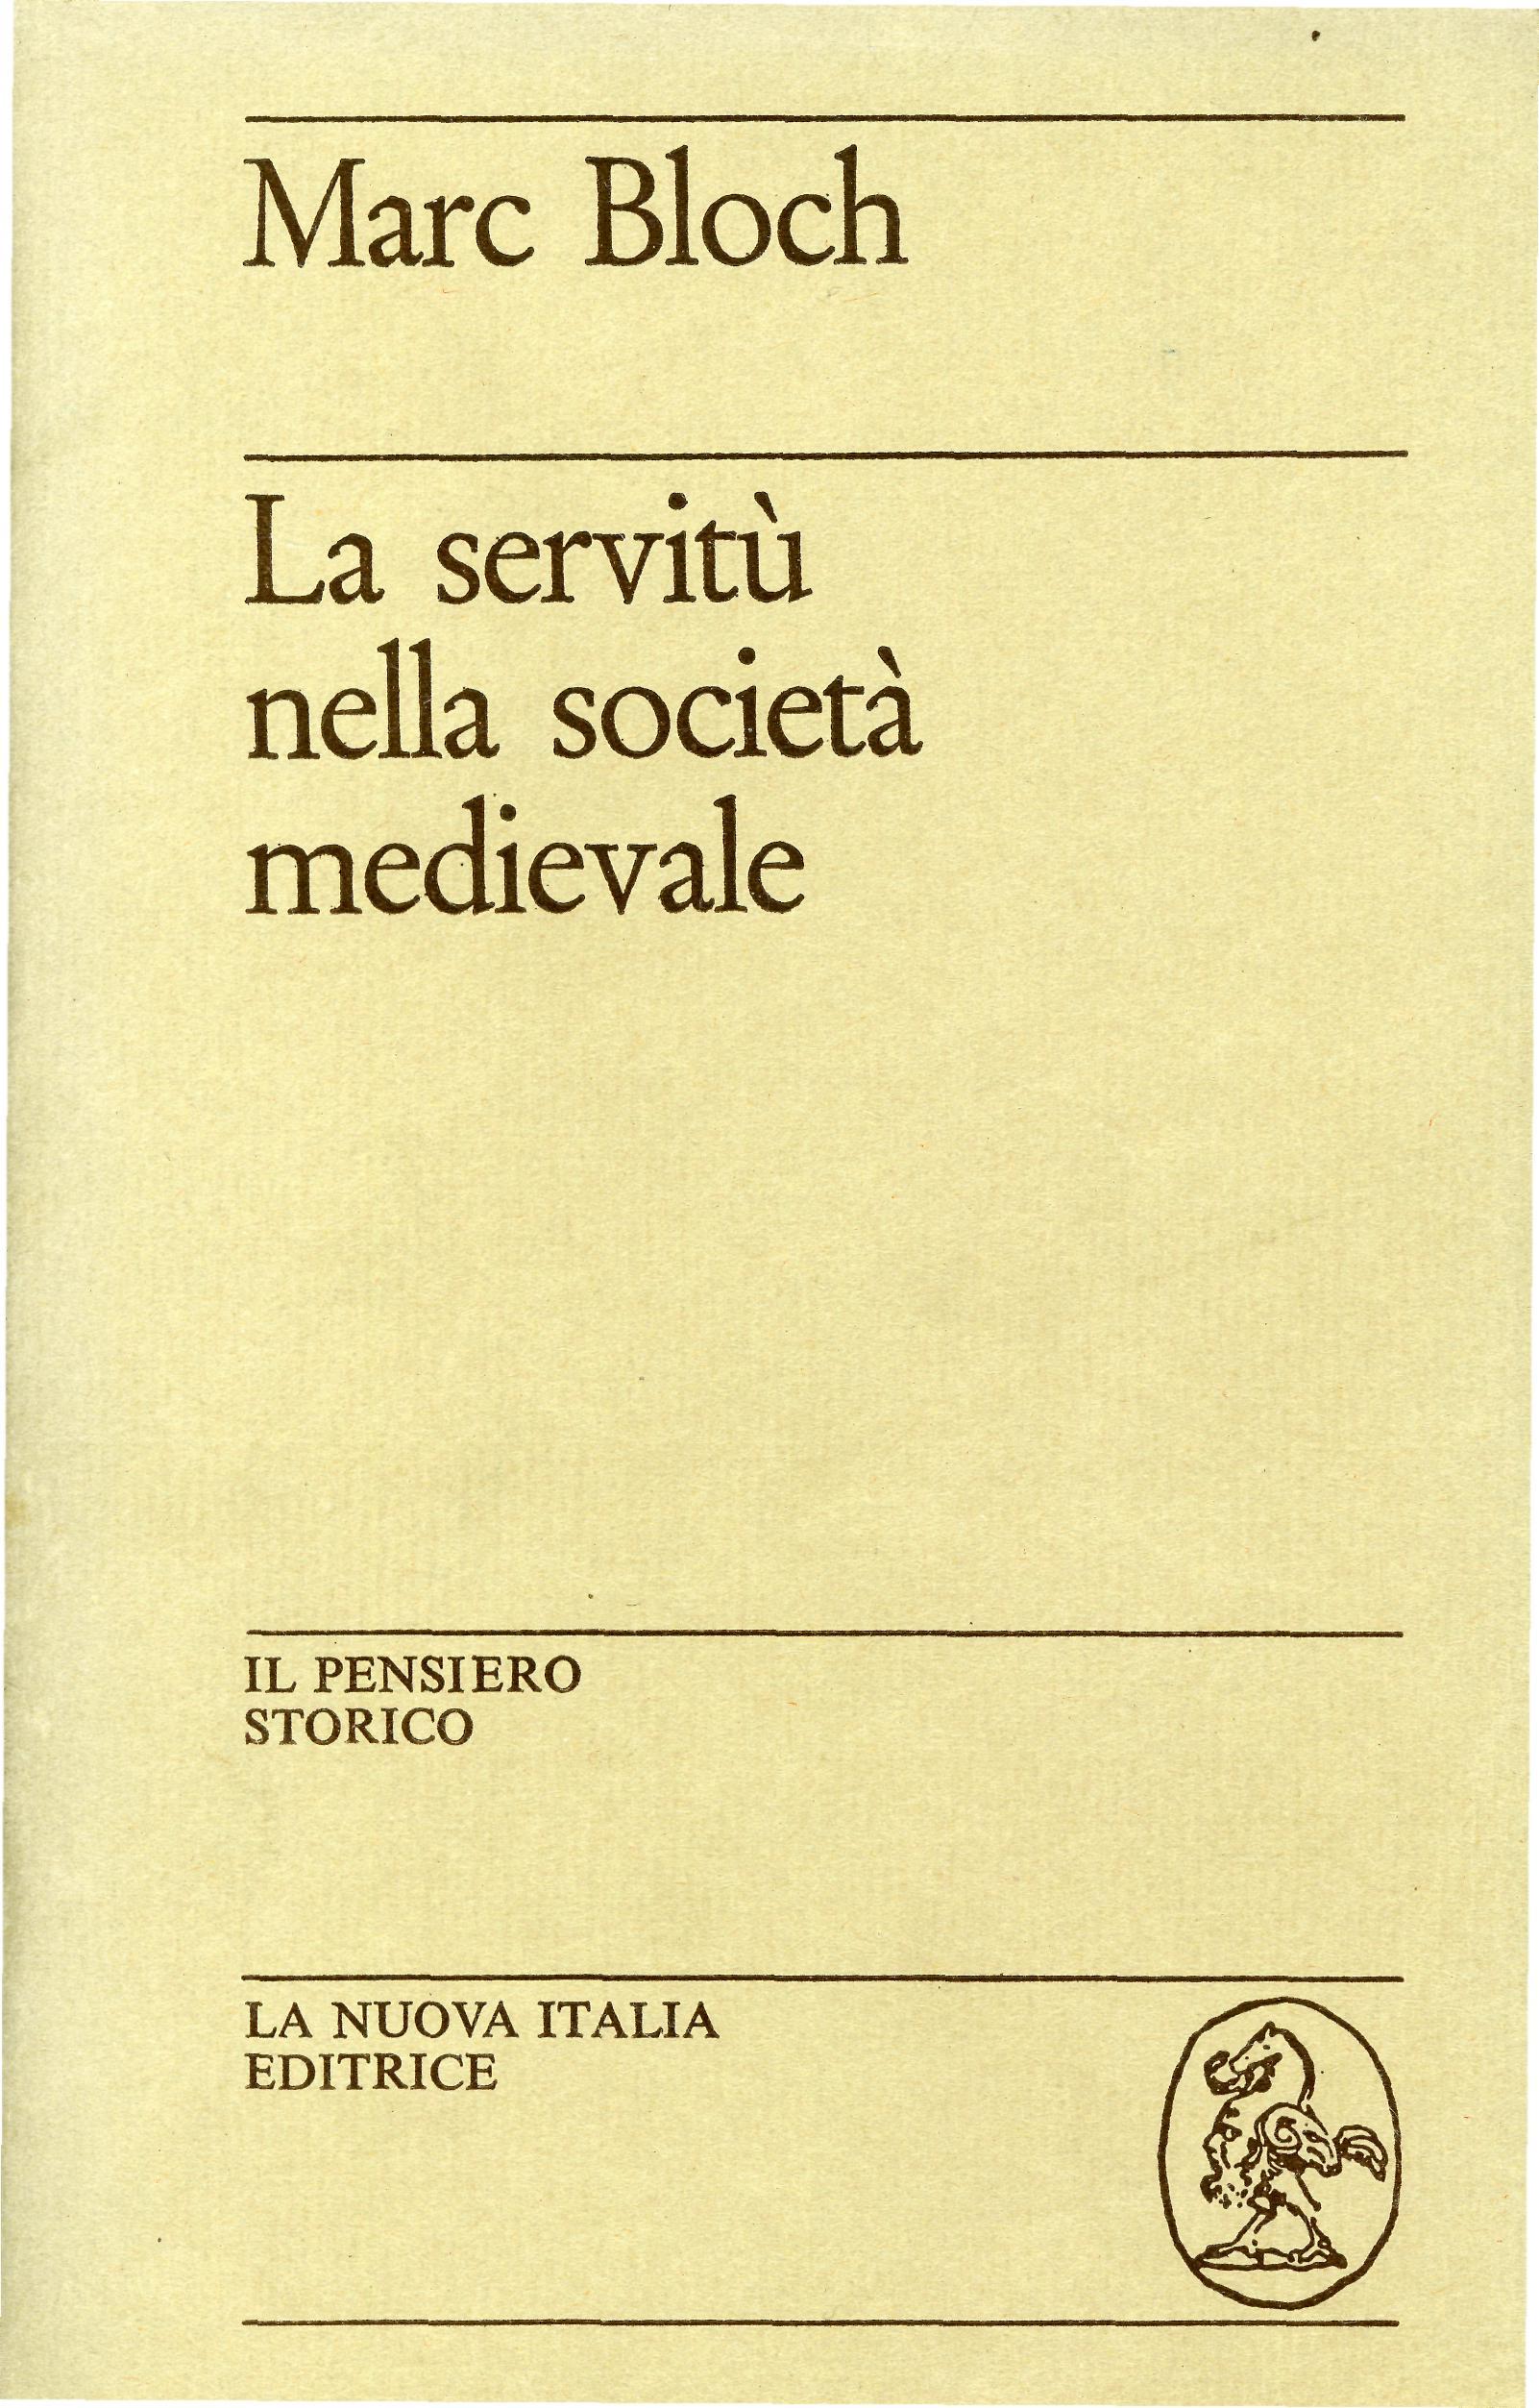 La servitù nella società medioevale